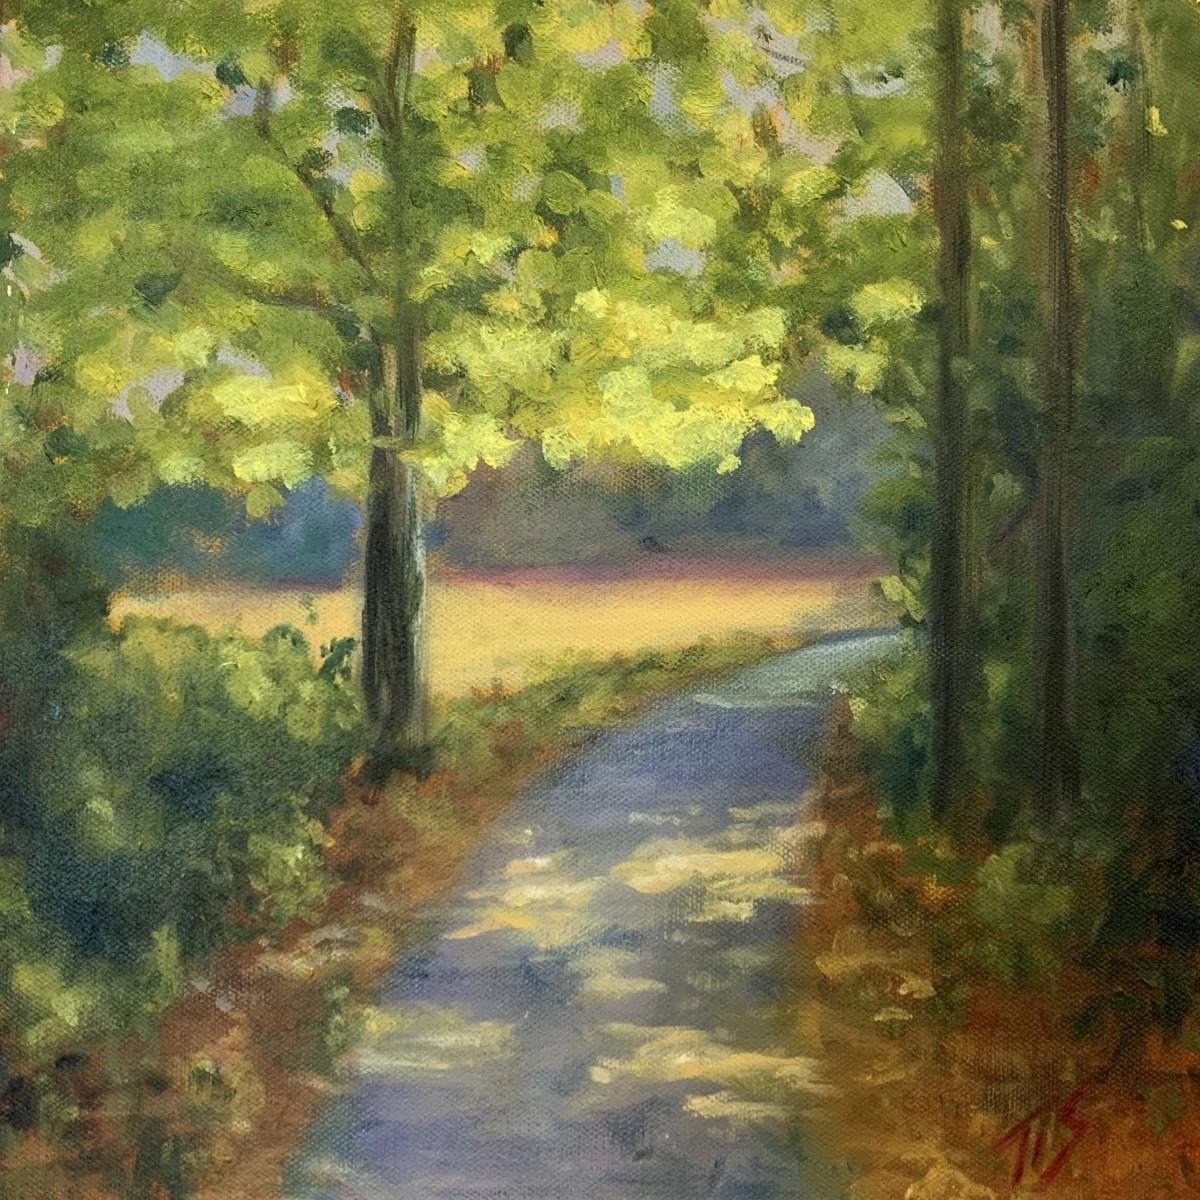 Riverwalk Tree (study) 36.071392N 79.093553W by Thomas Stevens